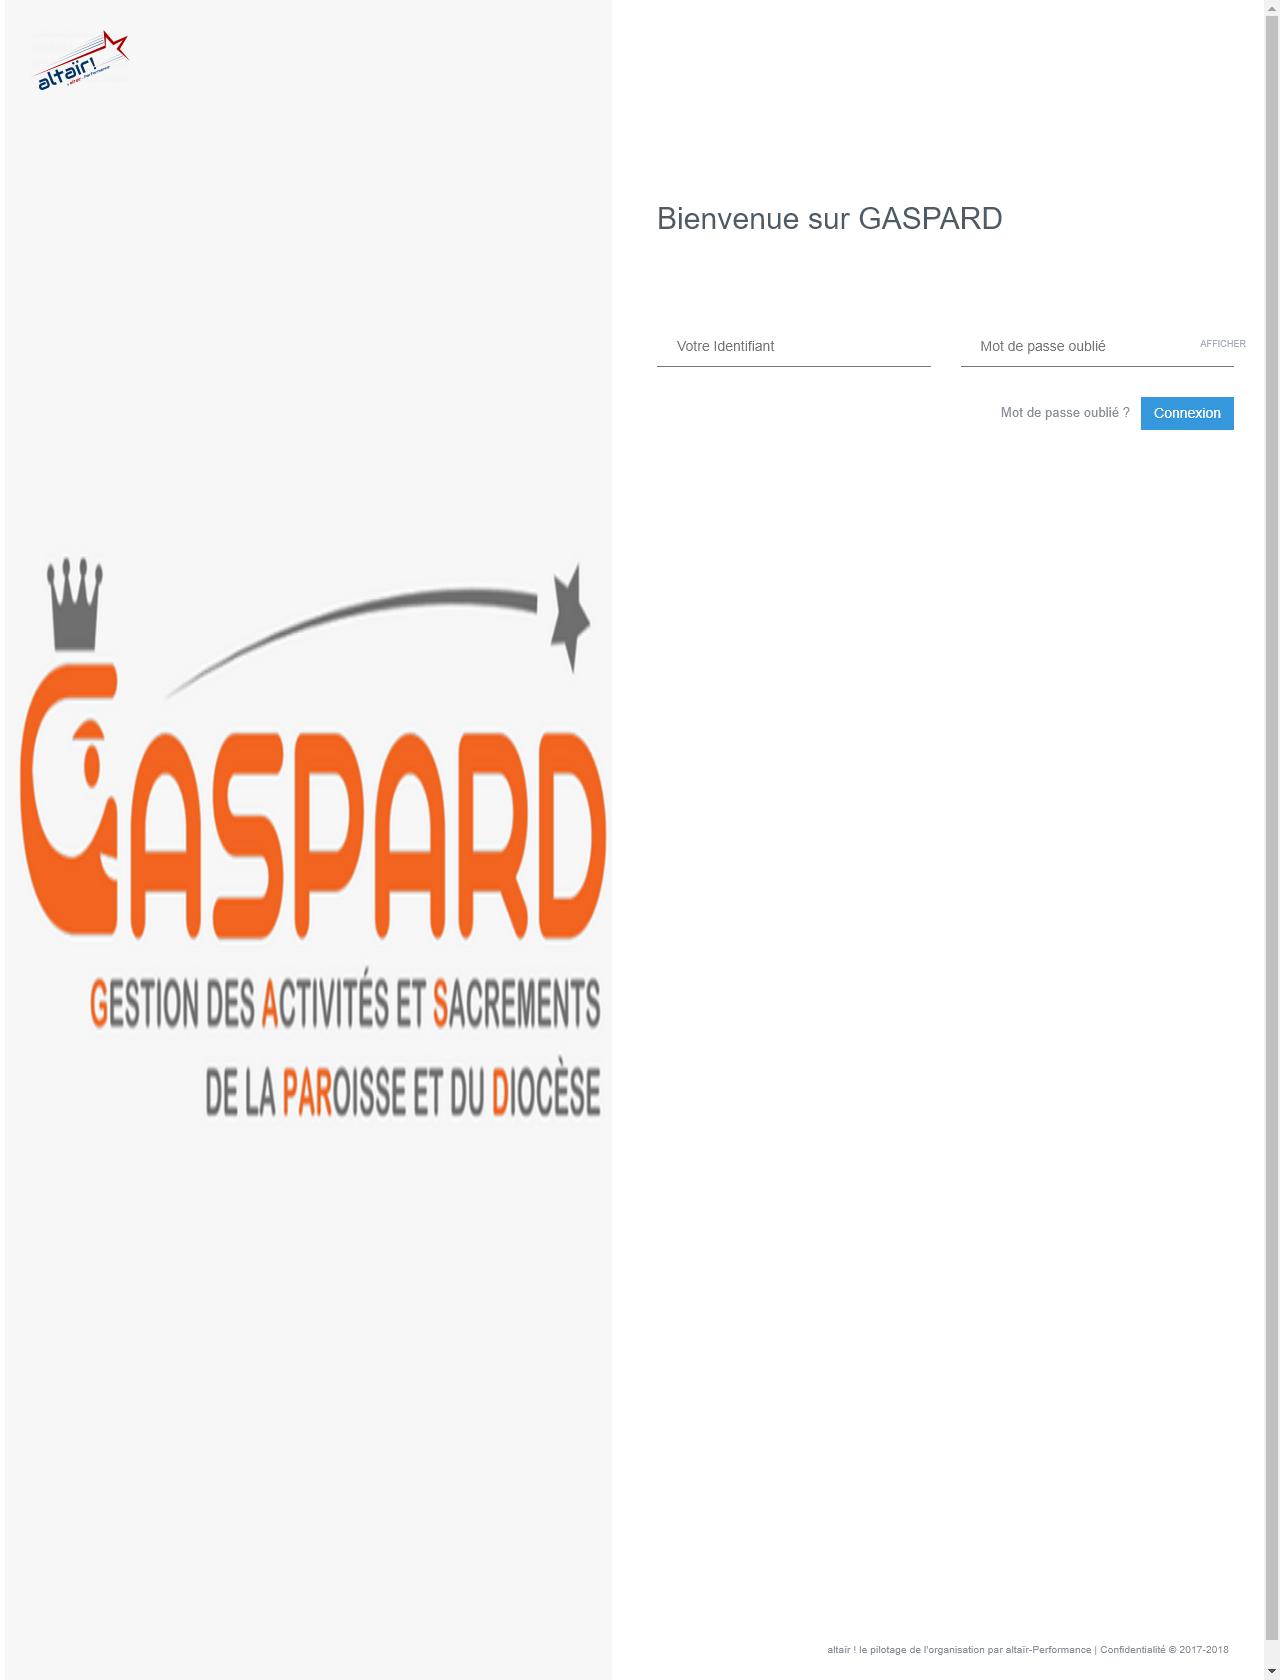 Screenshot Desktop - https://gaspard.adn.altair-performance.com/altaircrm/